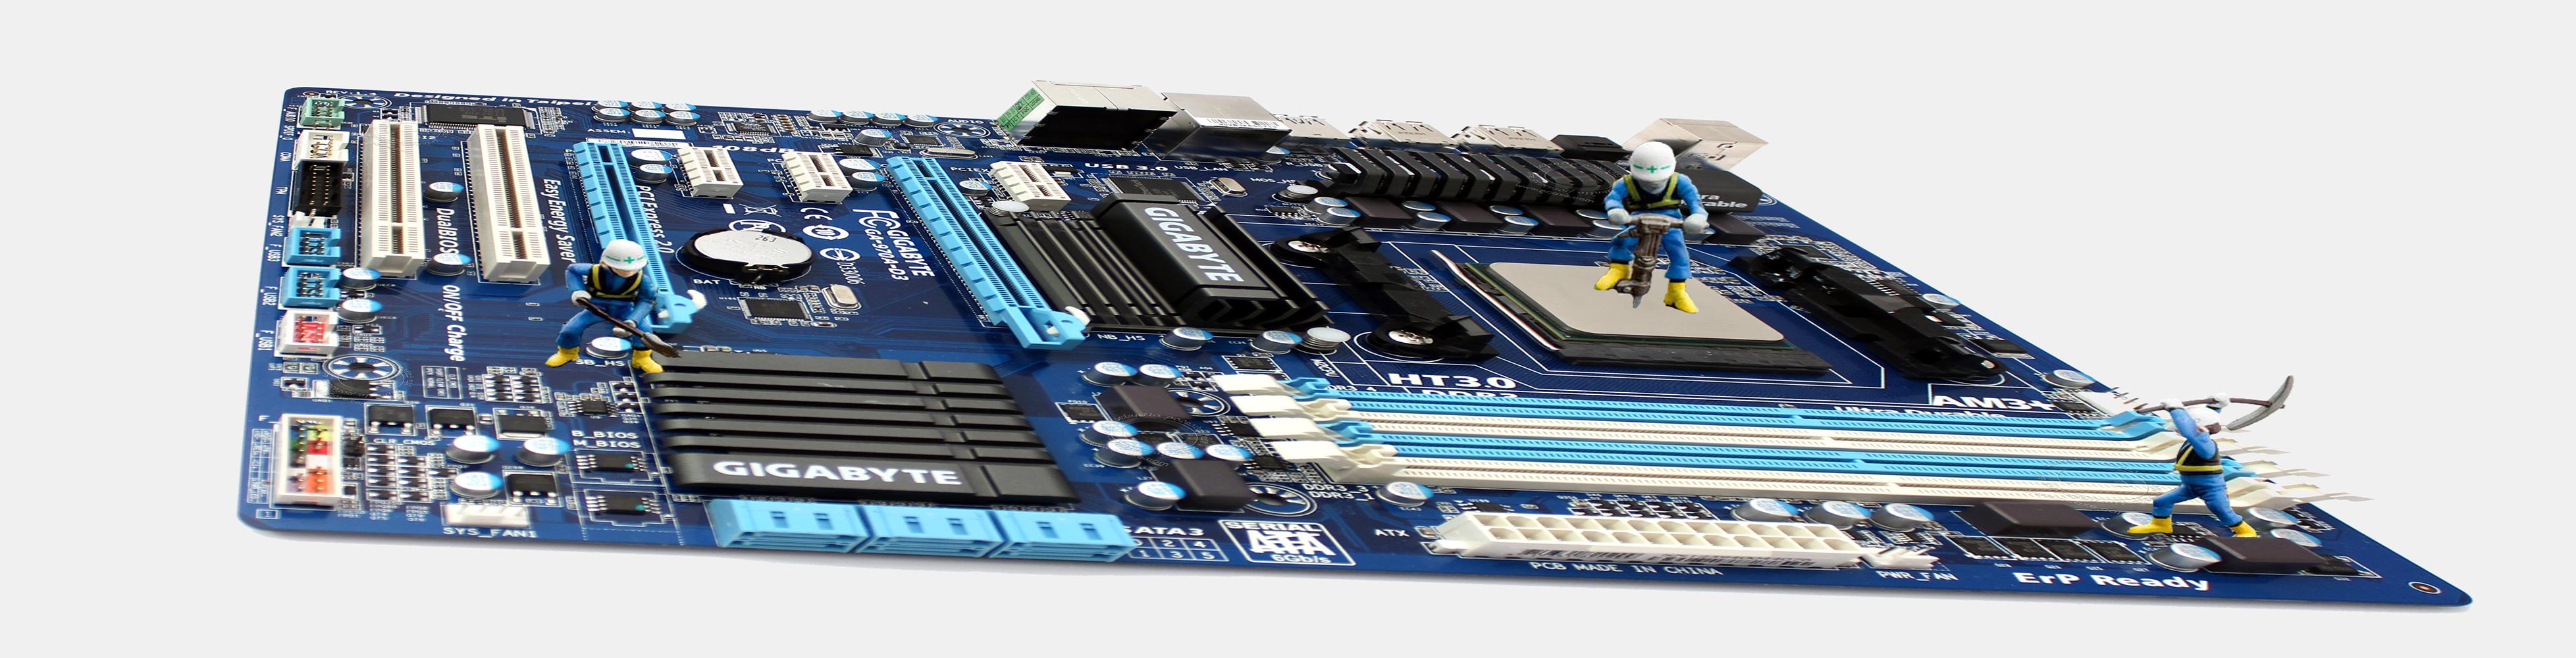 AMD-Inžinjering - servis računala